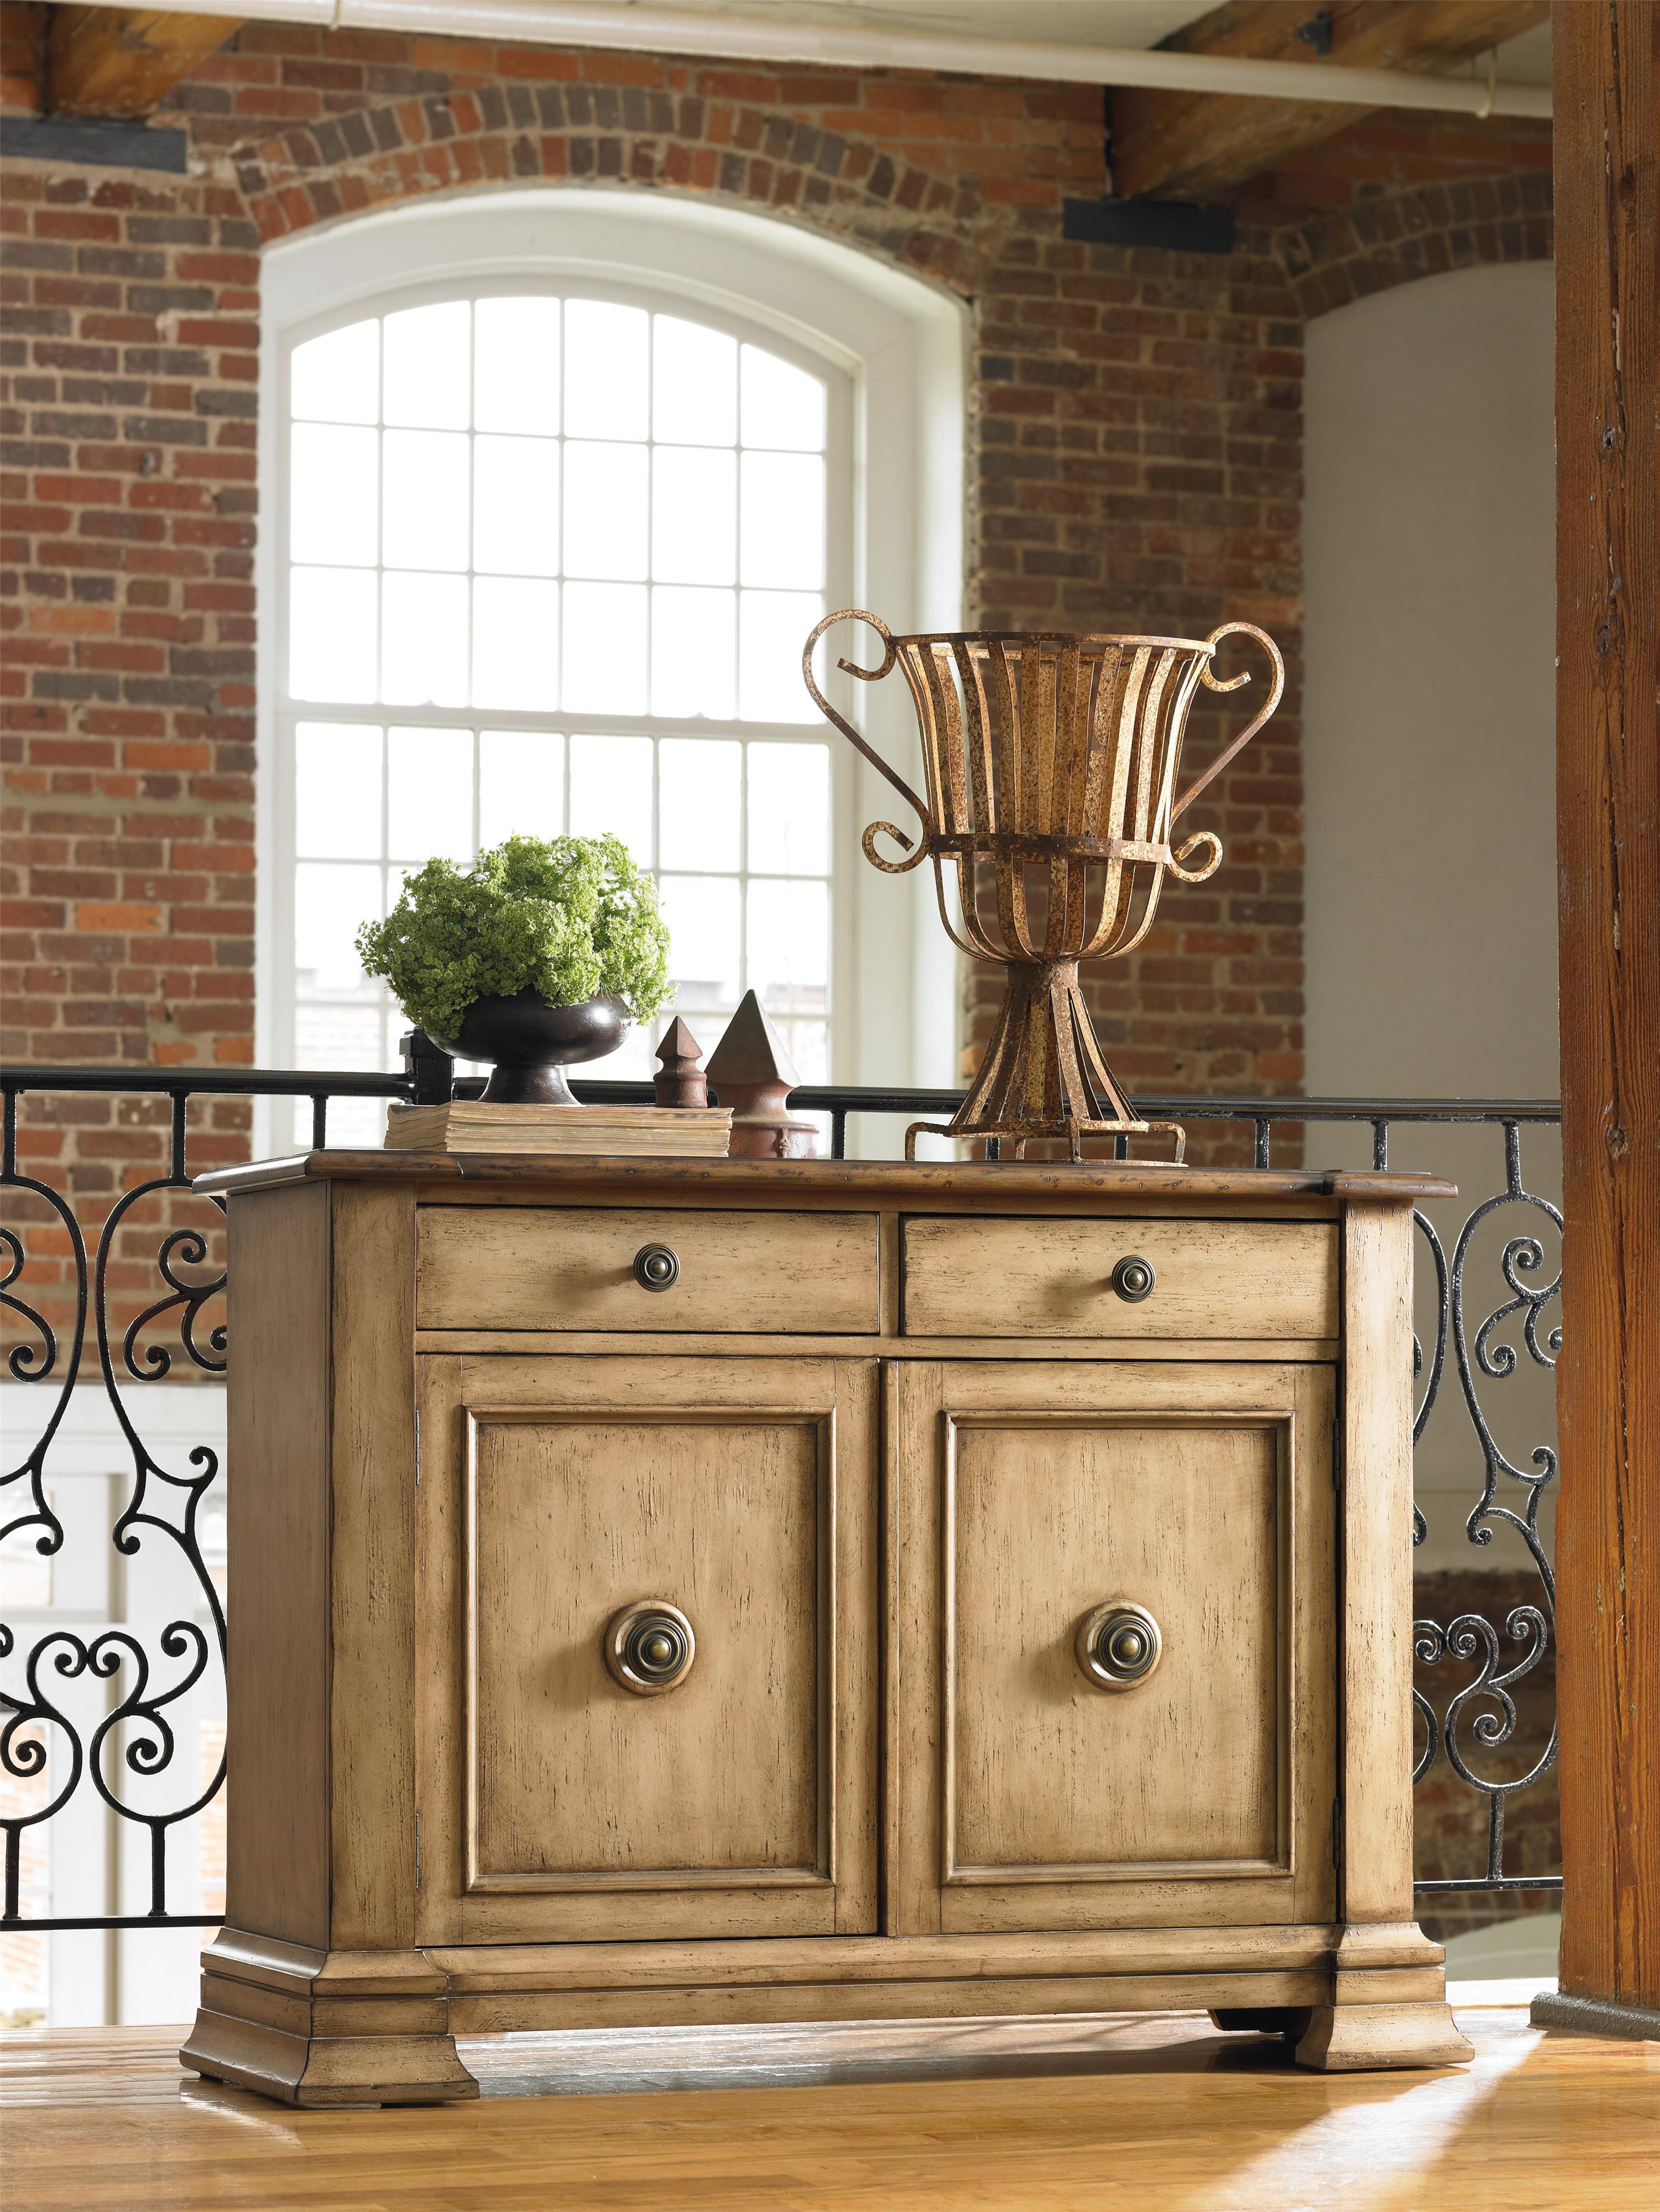 Living Room Accents (light) By Hooker Furniture   Adcock Furniture   Hooker  Furniture Living Room Accents Dealer